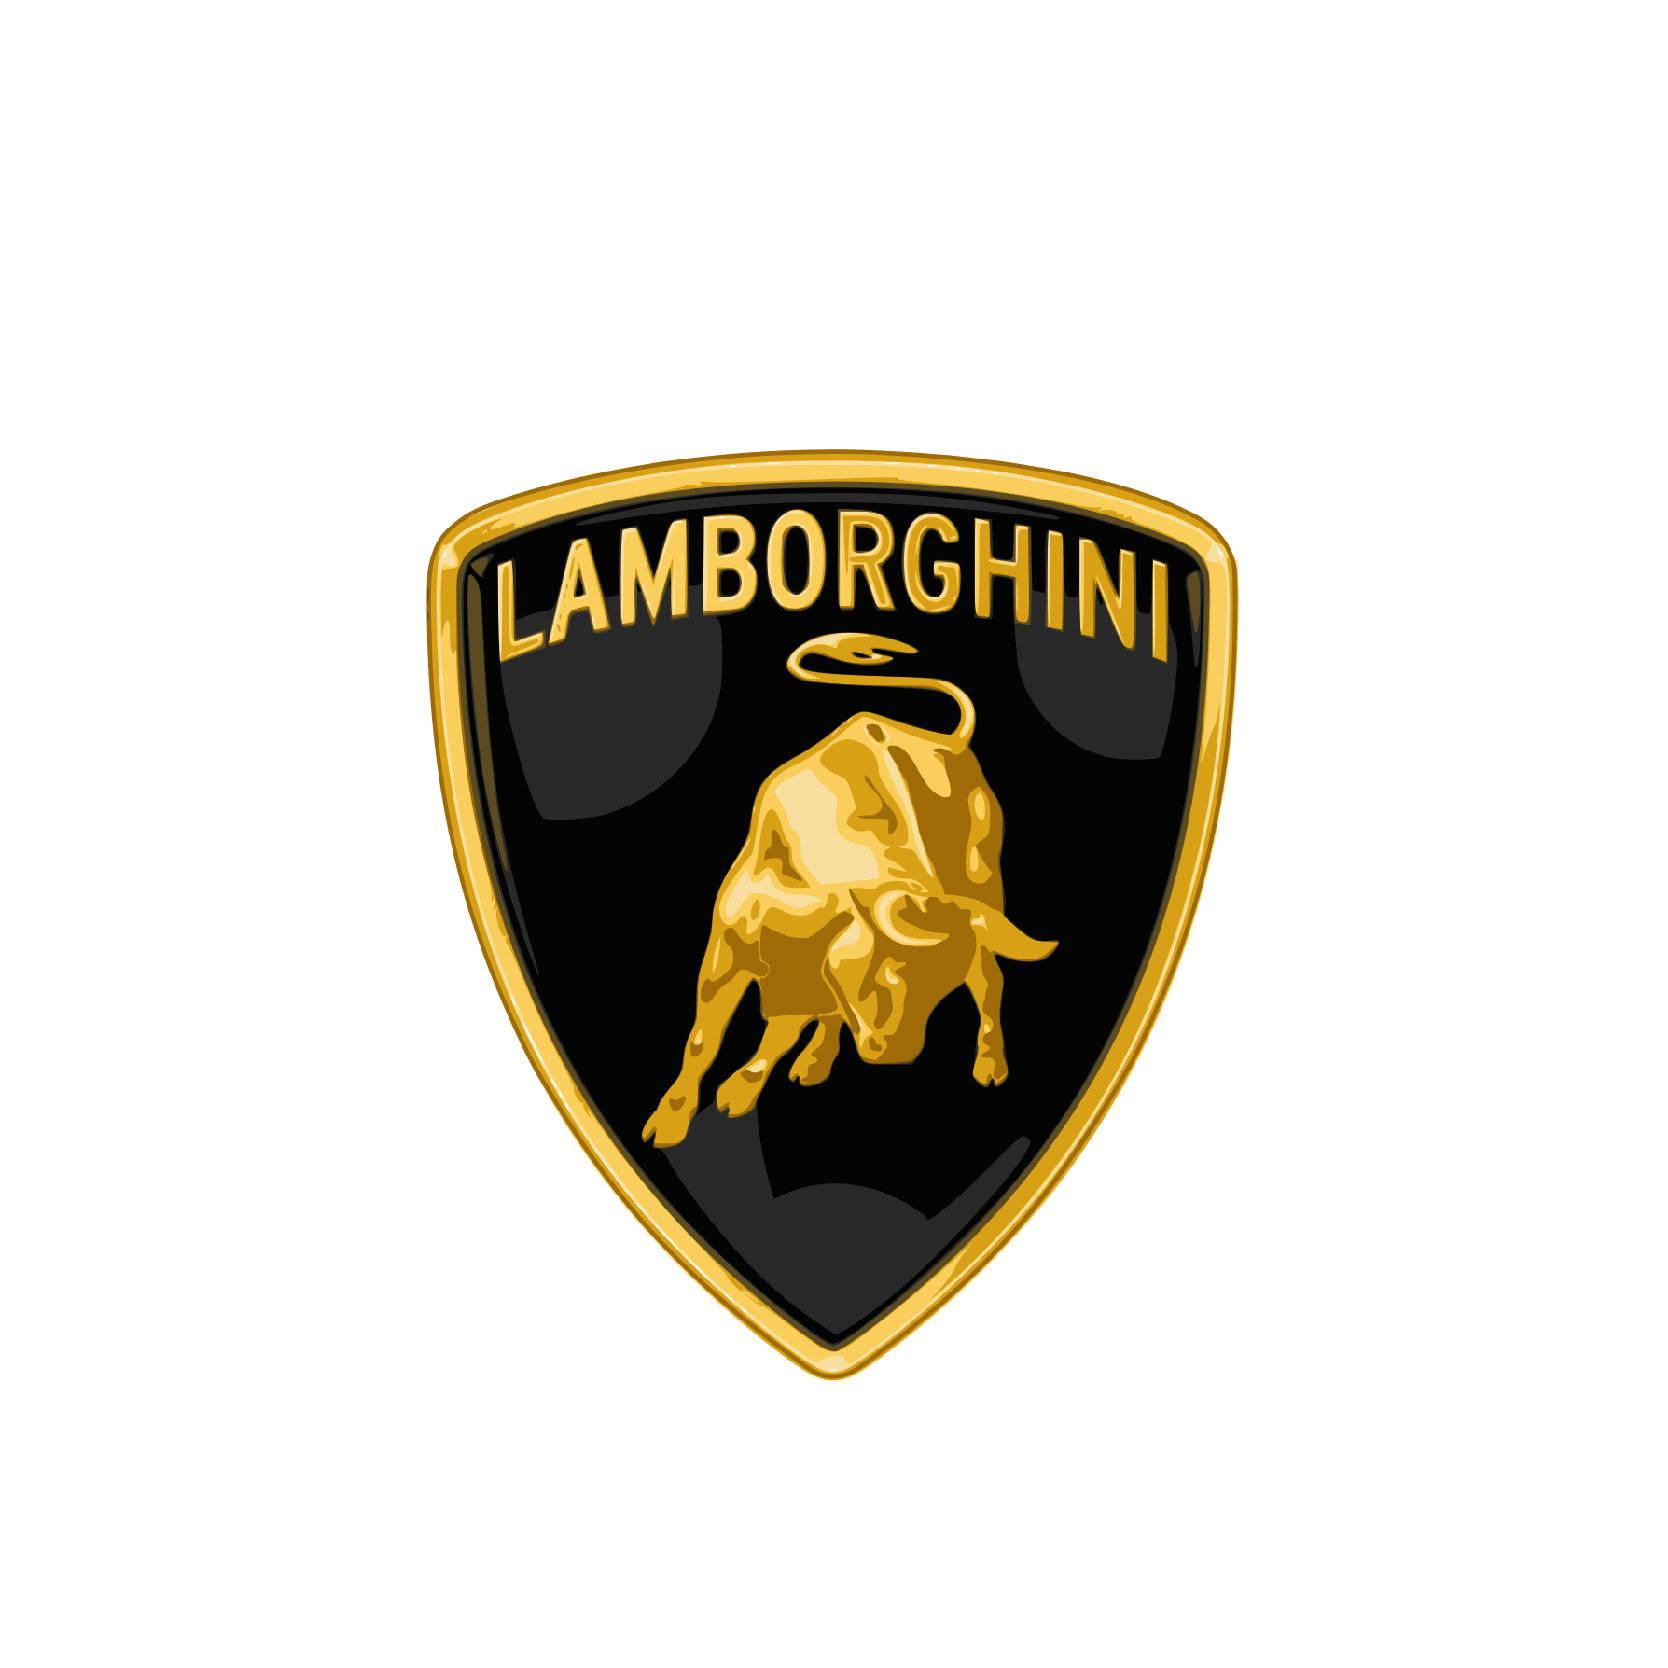 Lamborghini sound deadening